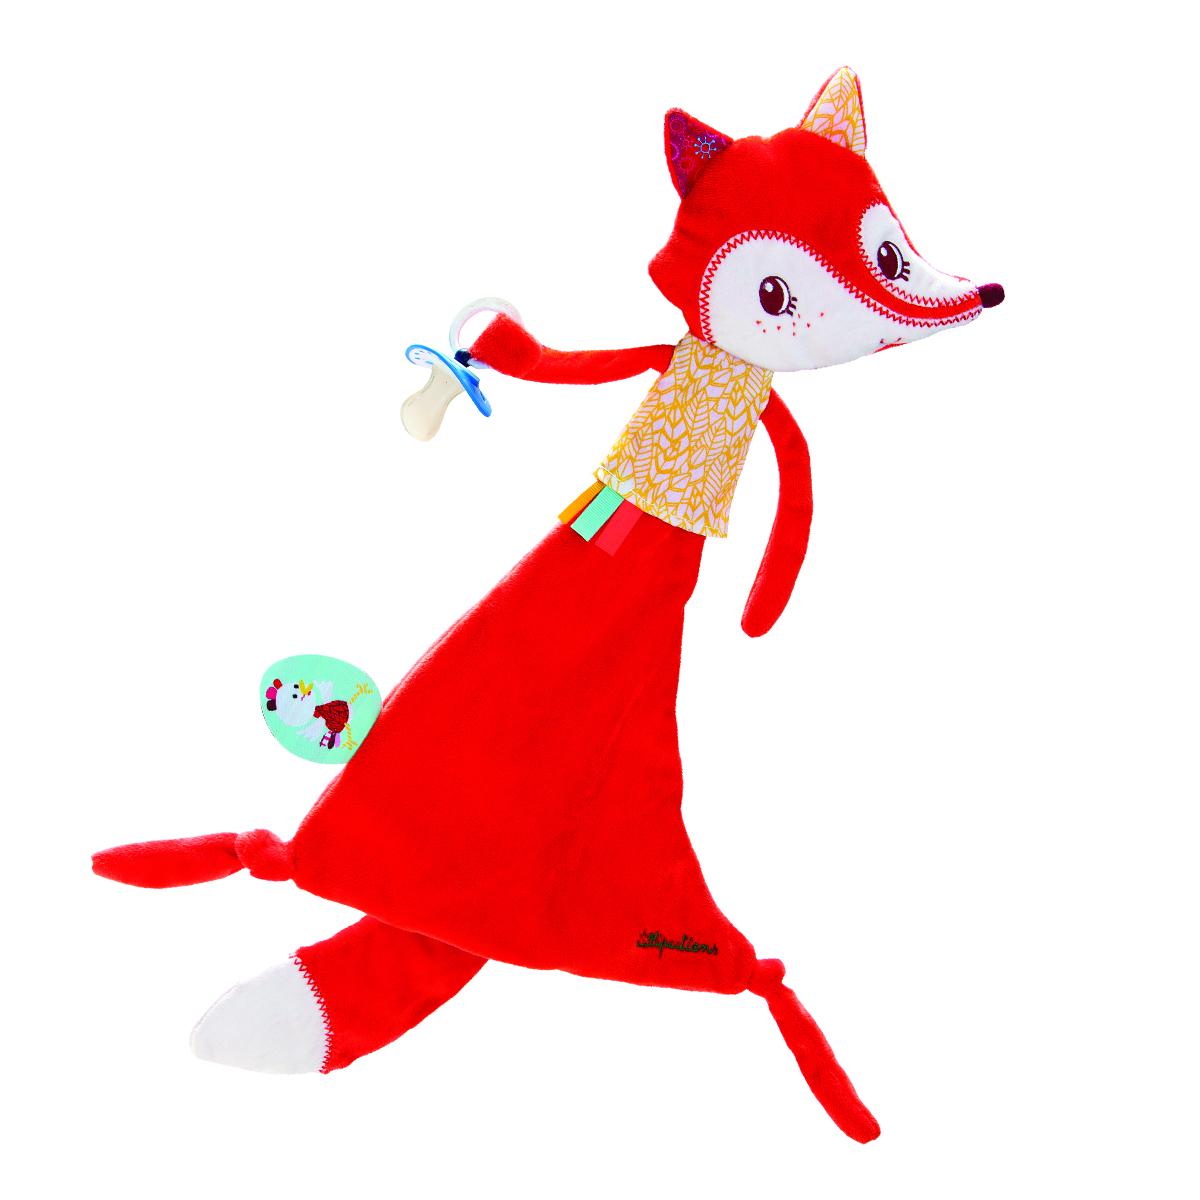 Lilliputiens Игрушка-обнимашка Лиса Алиса с держателем для пустышки божья коровка лиза игрушка обнимашка в коробке lilliputiens